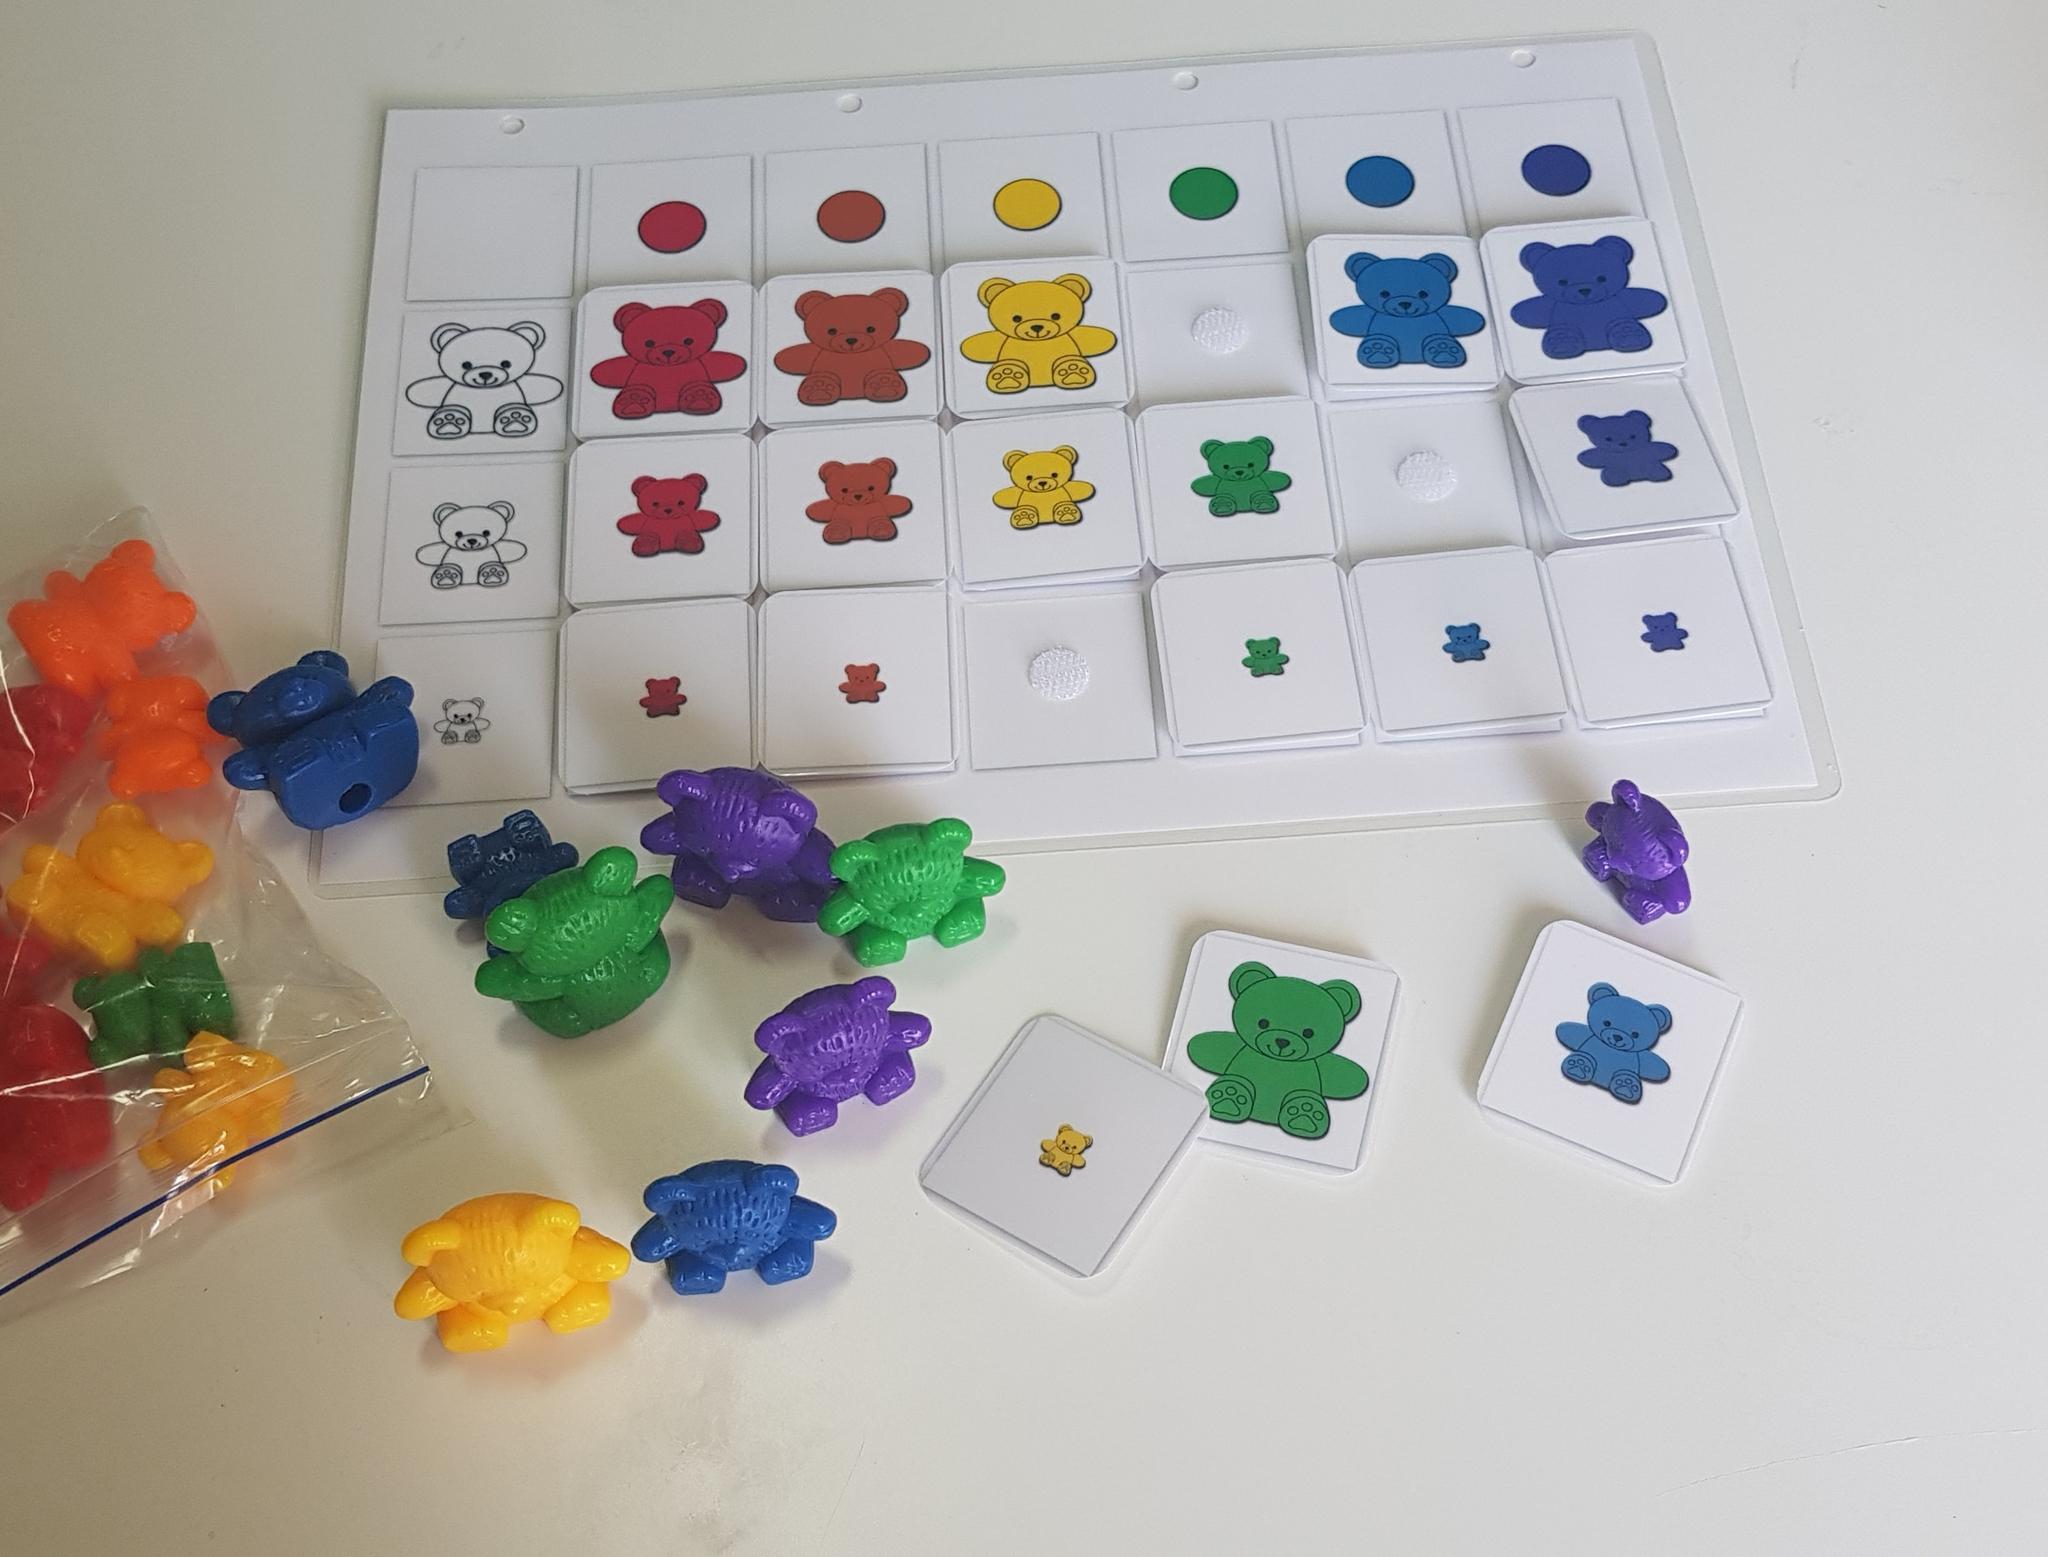 Сортировка мишек по цвету и размеру. Развивающие пособия на липучках Frenchoponcho (Френчопончо)